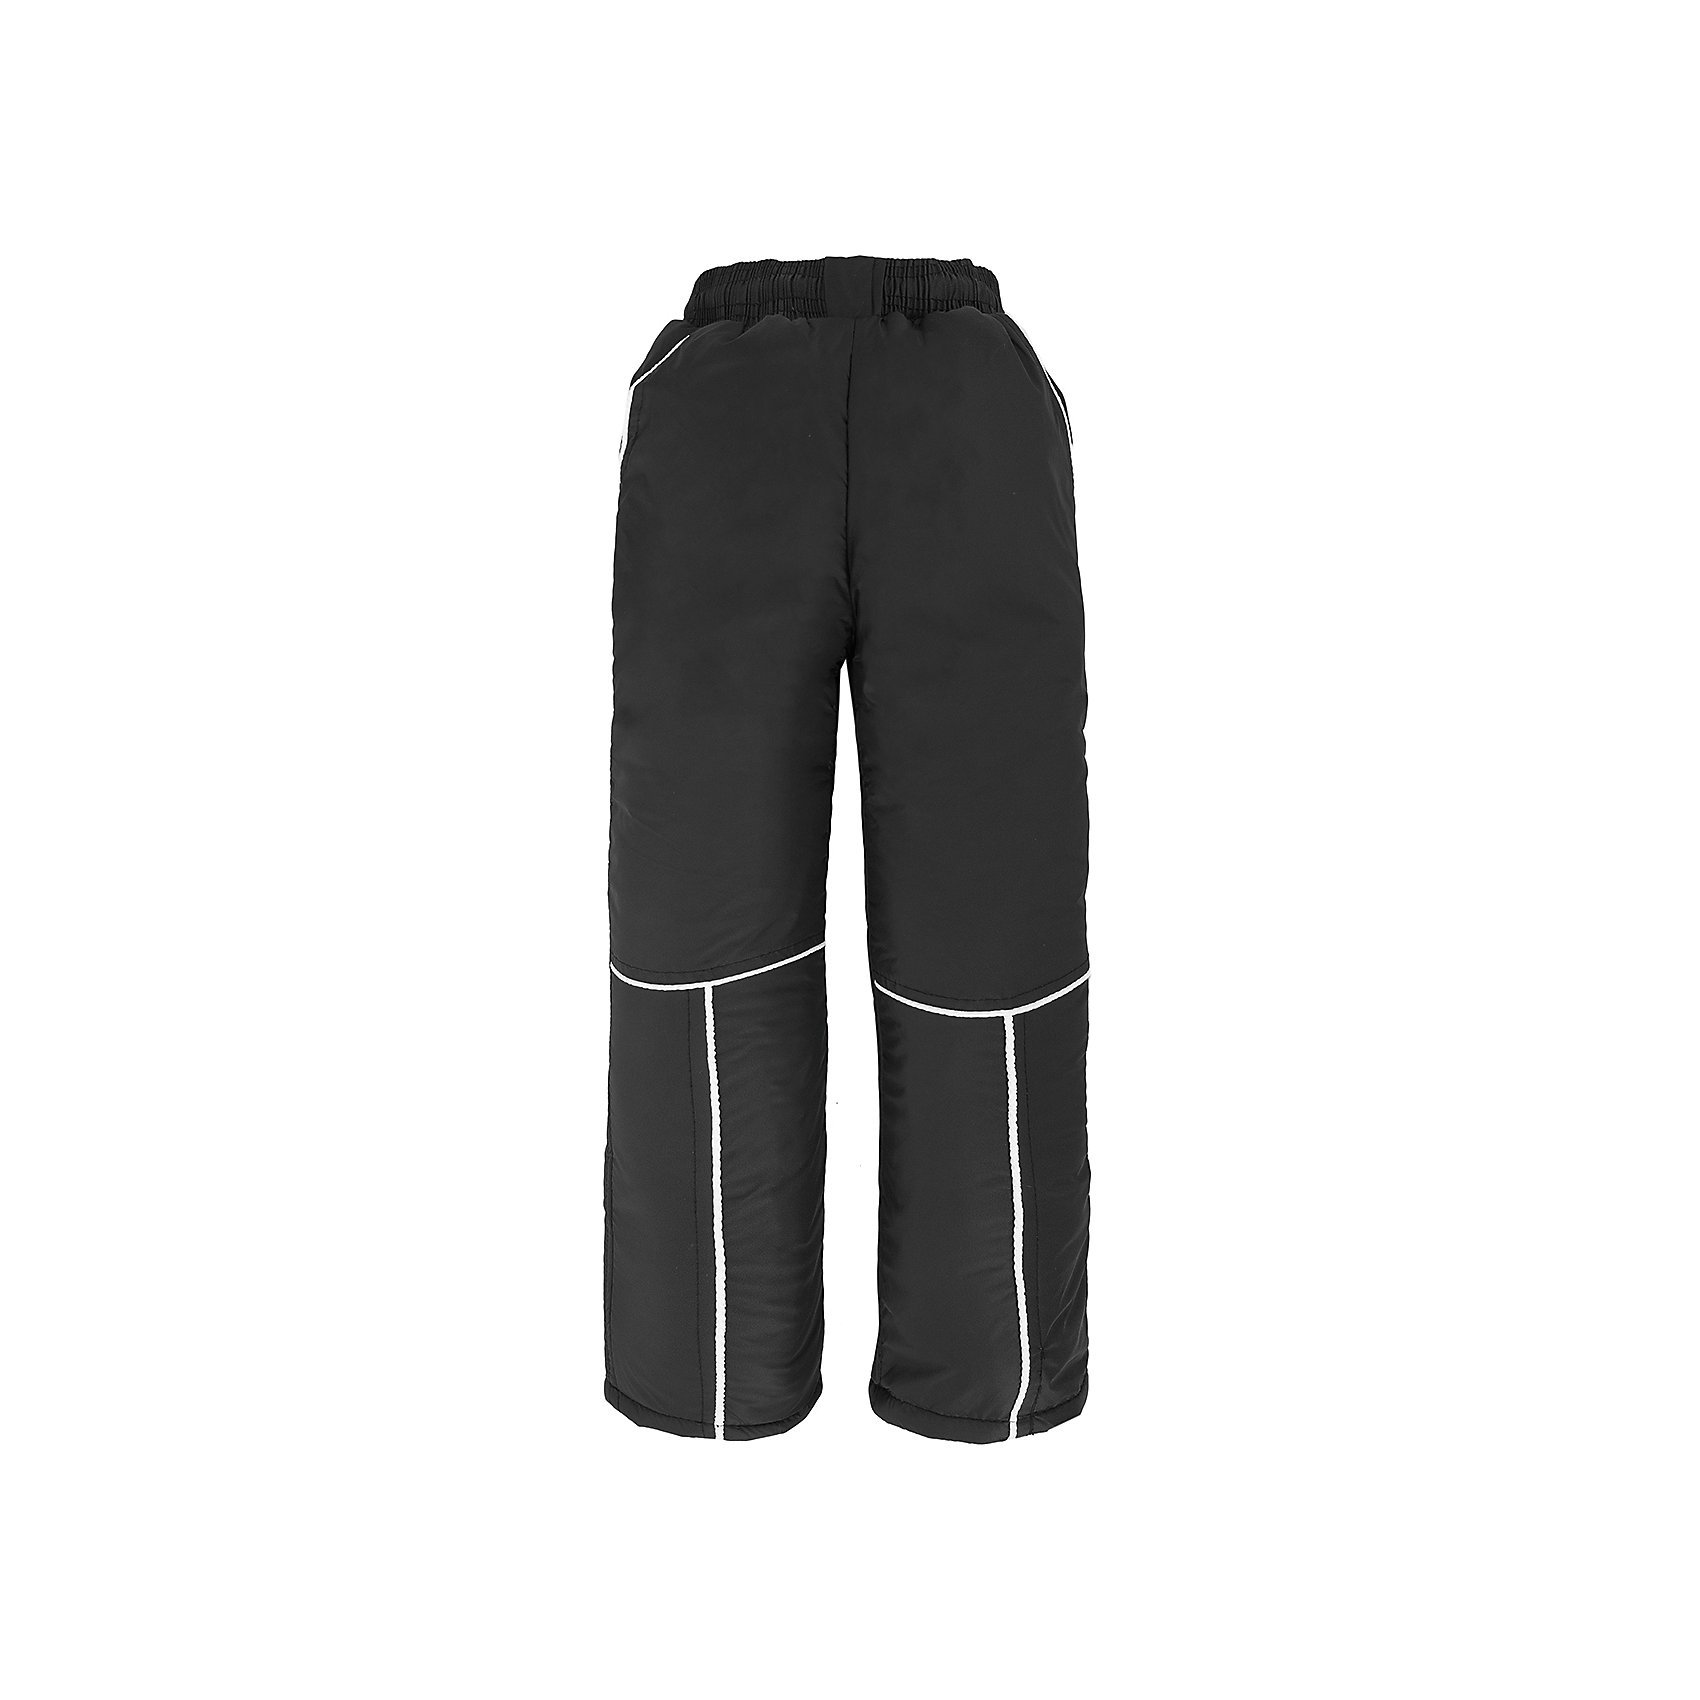 Брюки для мальчика DAUBERВерхняя одежда<br>Брюки для мальчика Dauber<br>Брюки для мальчика, на синтепоне. Высококачественный синтетический наполнитель 200гр/м?, который прекрасно сохраняет форму и восстанавливает её после любой деформации, влагоустойчив. Температурный режим: от +10 до-20 градусов. Брюки обеспечат тепло и уют, защитив ребёнка от холода и промокания. Грязеотталкивающие и за ними легко ухаживать. Изготовлены из быстросохнущего материала. <br>Состав: 100% полиэстер<br><br>Ширина мм: 215<br>Глубина мм: 88<br>Высота мм: 191<br>Вес г: 336<br>Цвет: черный<br>Возраст от месяцев: 60<br>Возраст до месяцев: 72<br>Пол: Мужской<br>Возраст: Детский<br>Размер: 116,110,98,104<br>SKU: 4862266